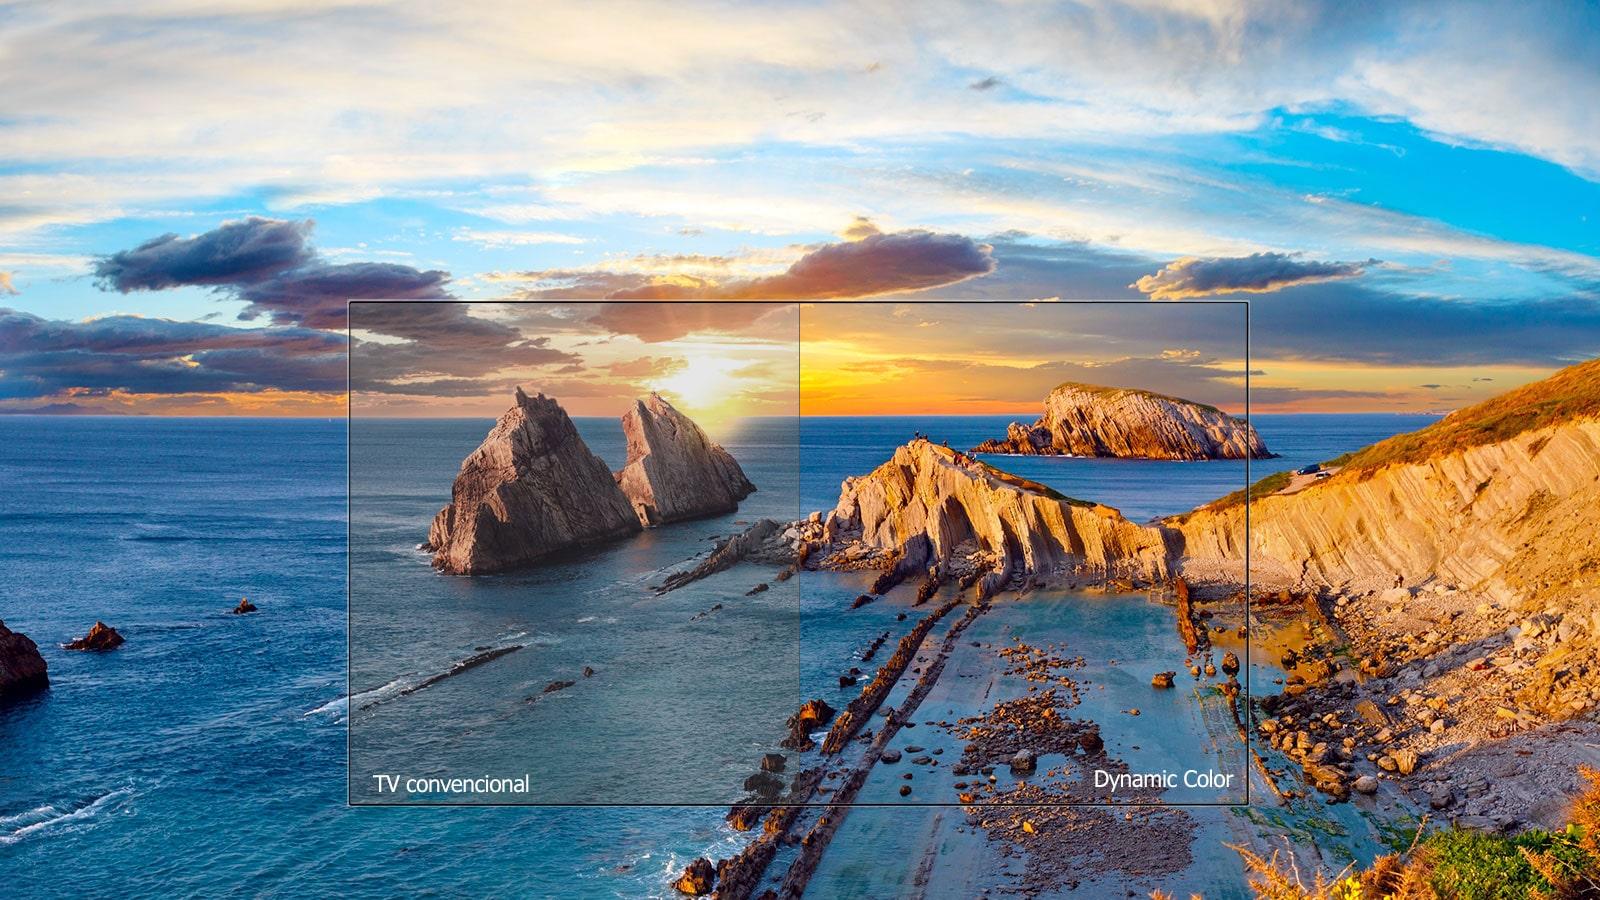 LK5700_Dynamic_color_desktop_20180919